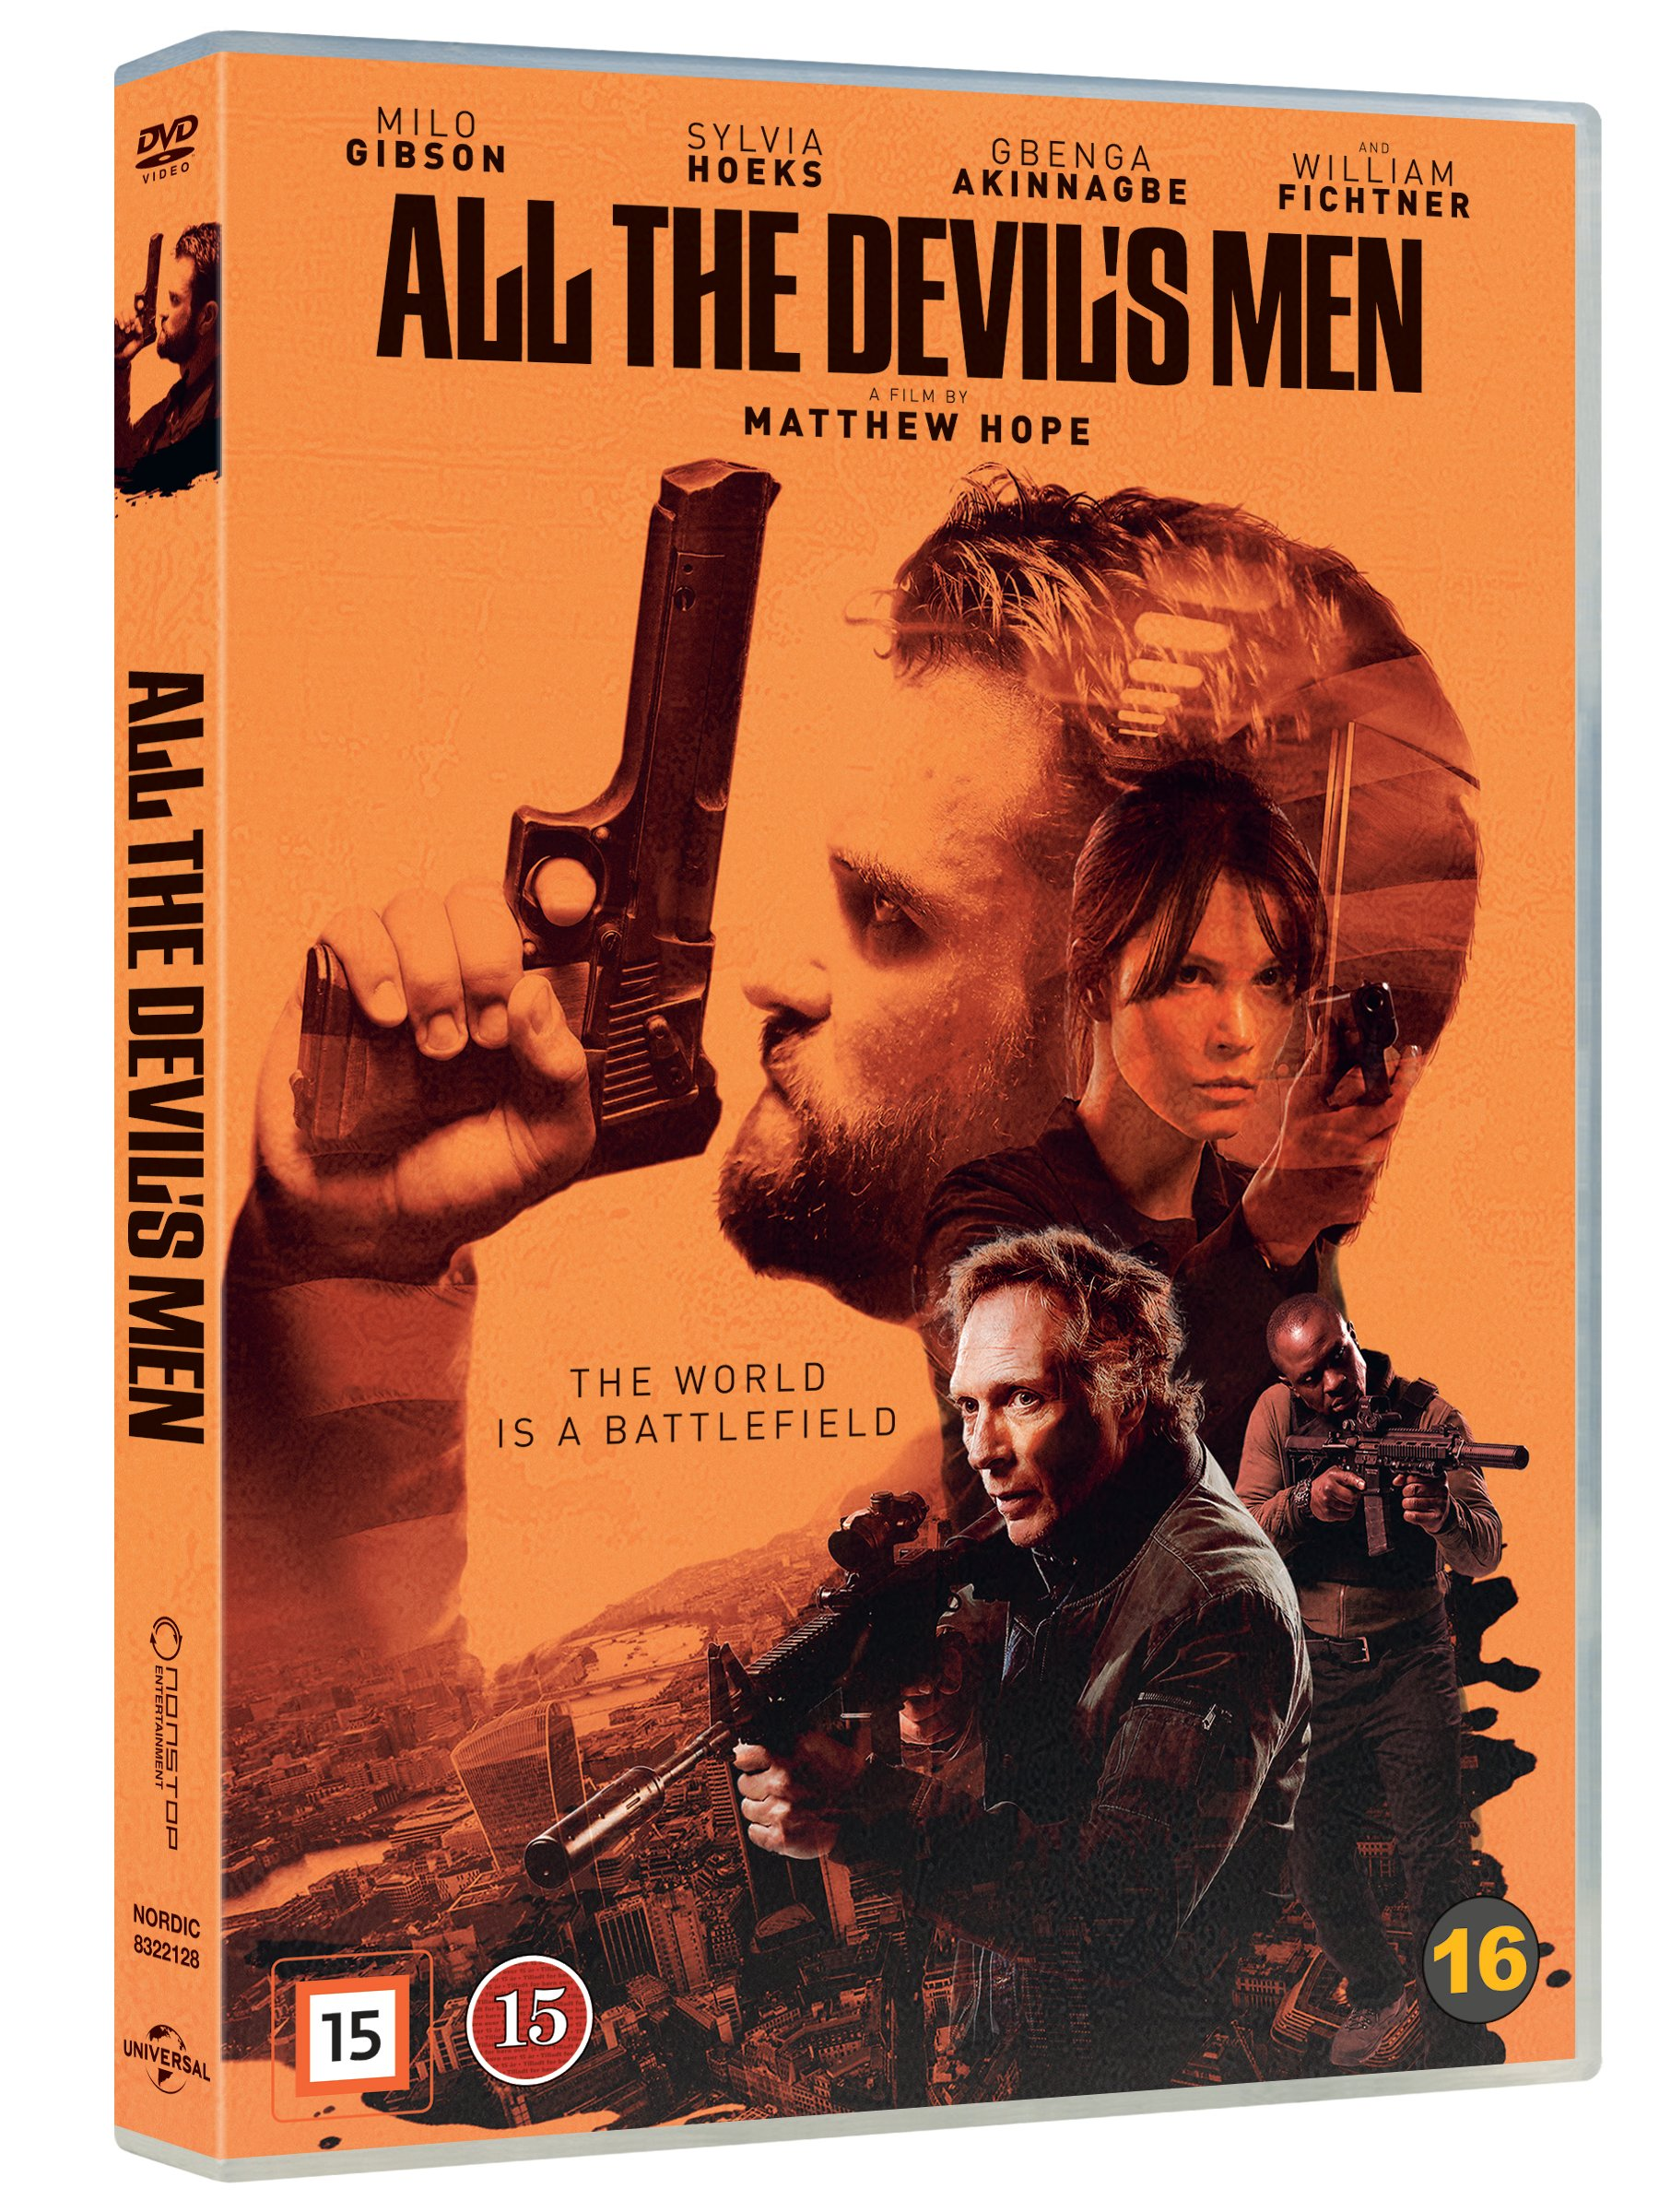 All The Devils Men - DVD